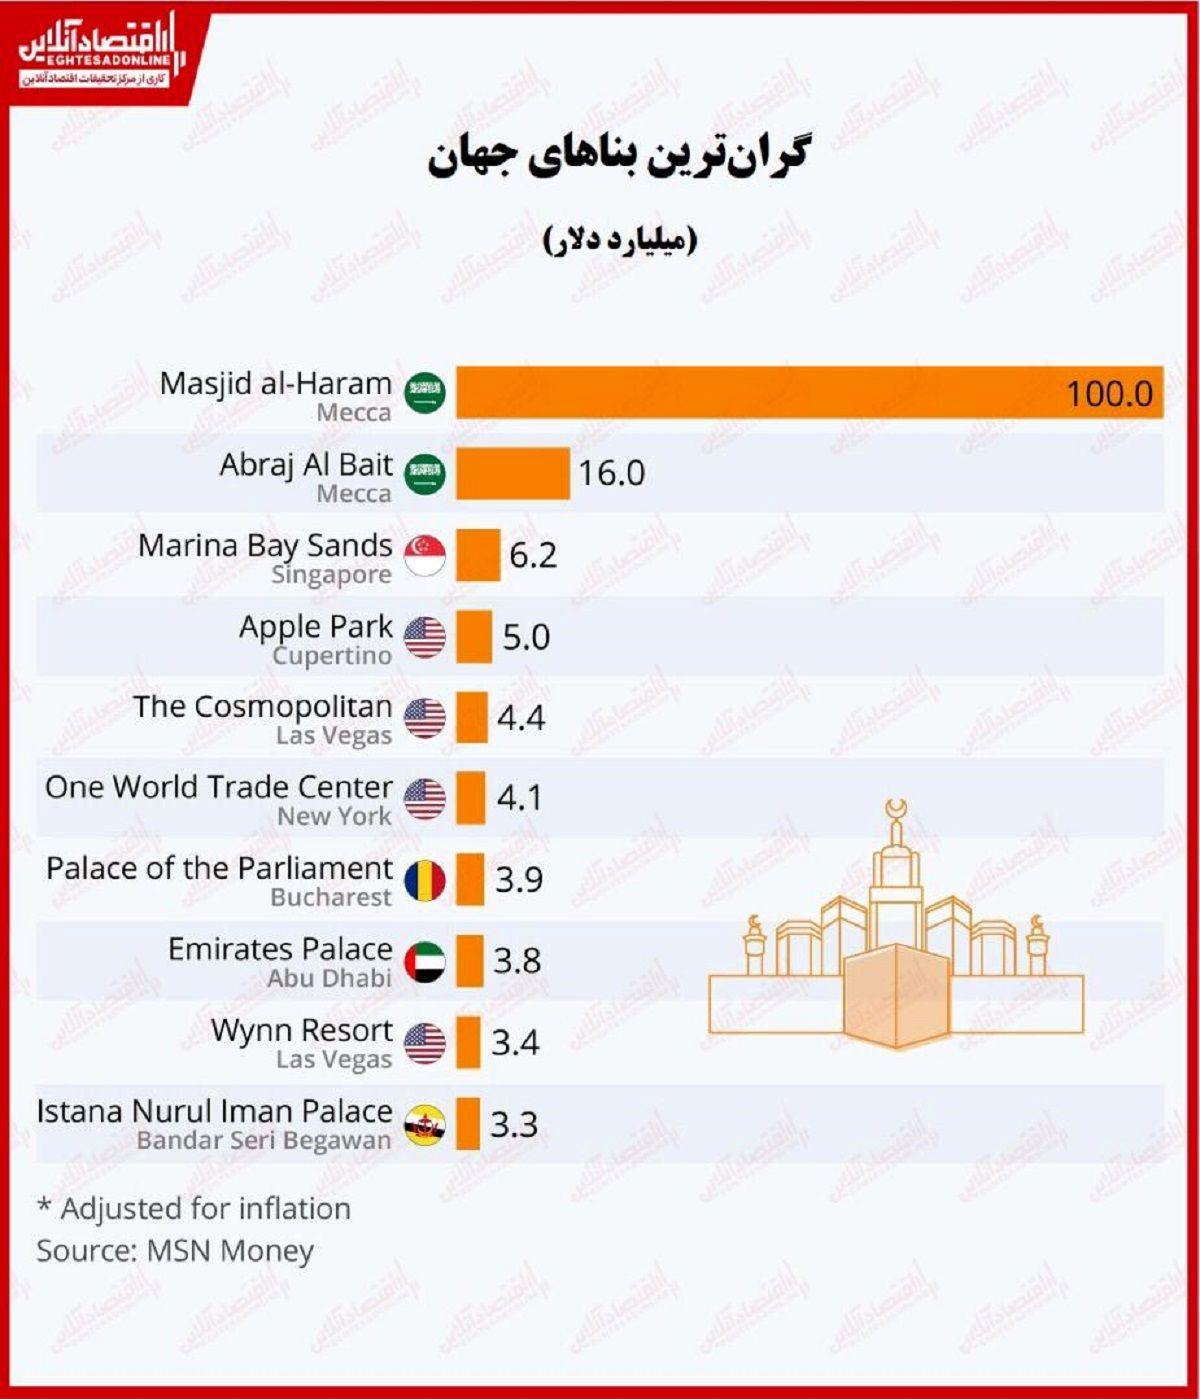 گرانترین بناهای جهان کدامند؟/ پیشتازی عربستان سعودی در ساخت بناهای مجلل